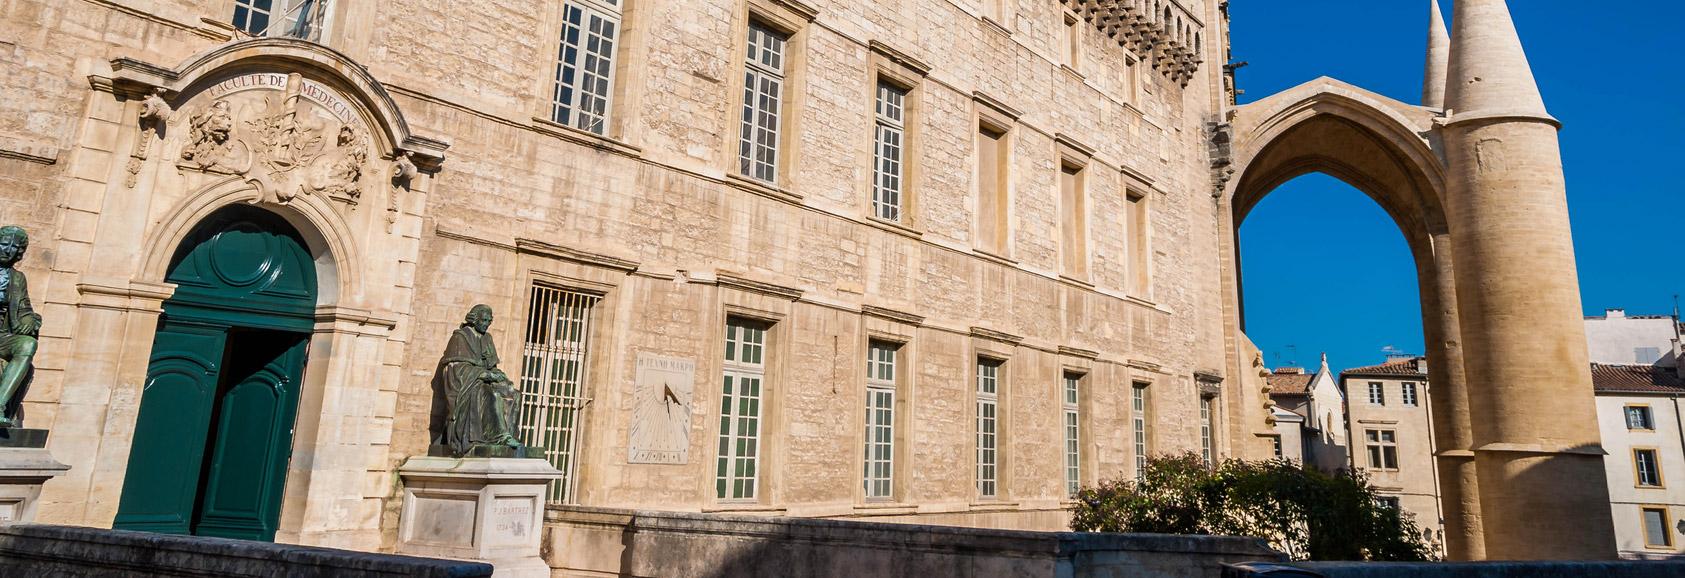 La faculté de médecine montpelliéraine : fondement du rayonnement de la ville de Montpellier à l'international